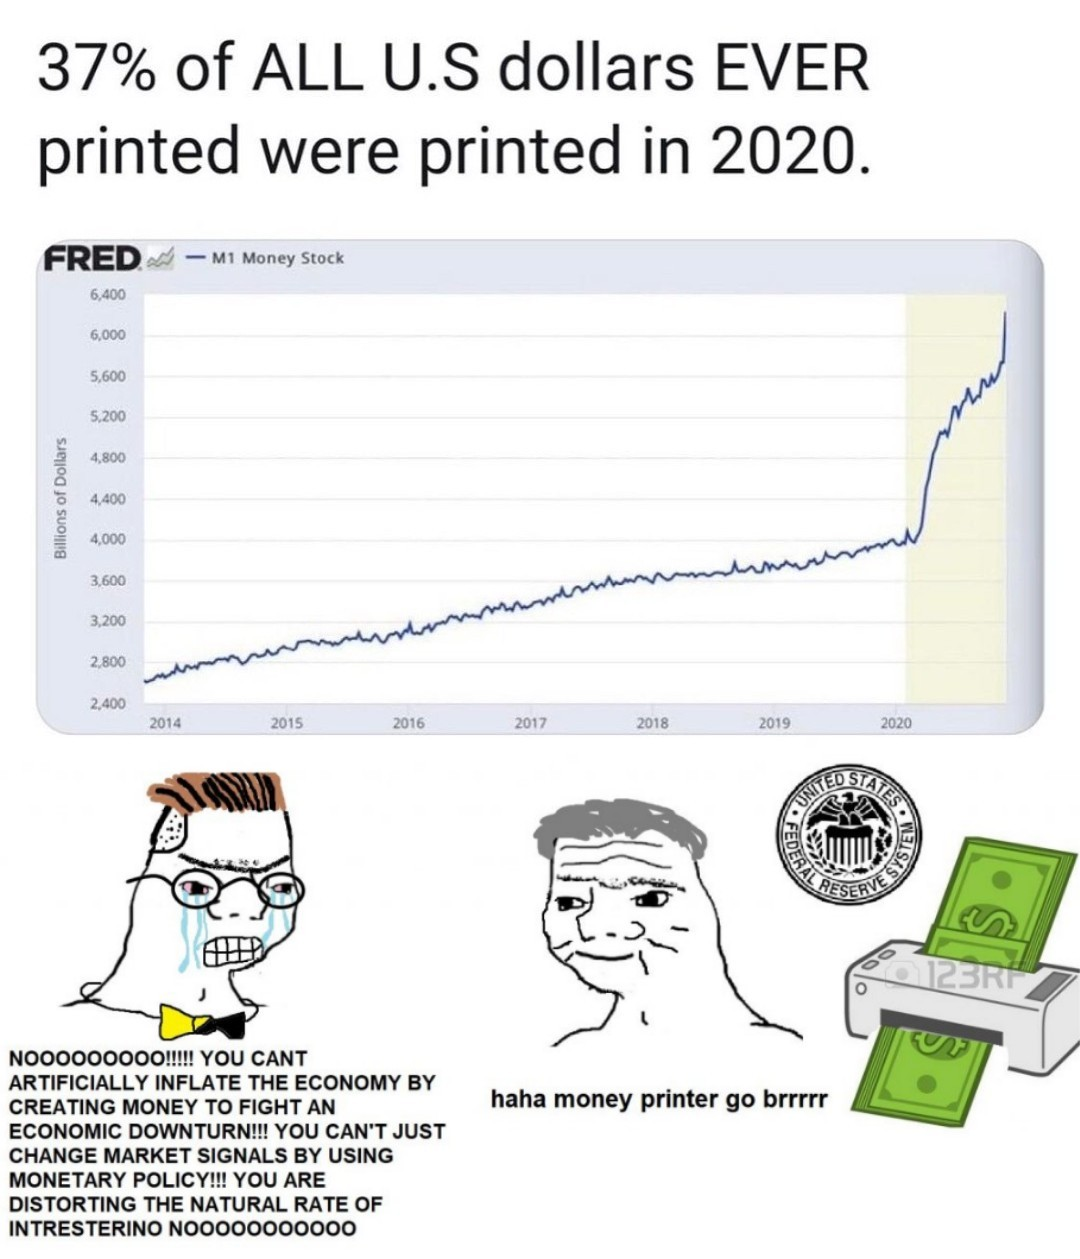 Money printing goes brrr - meme